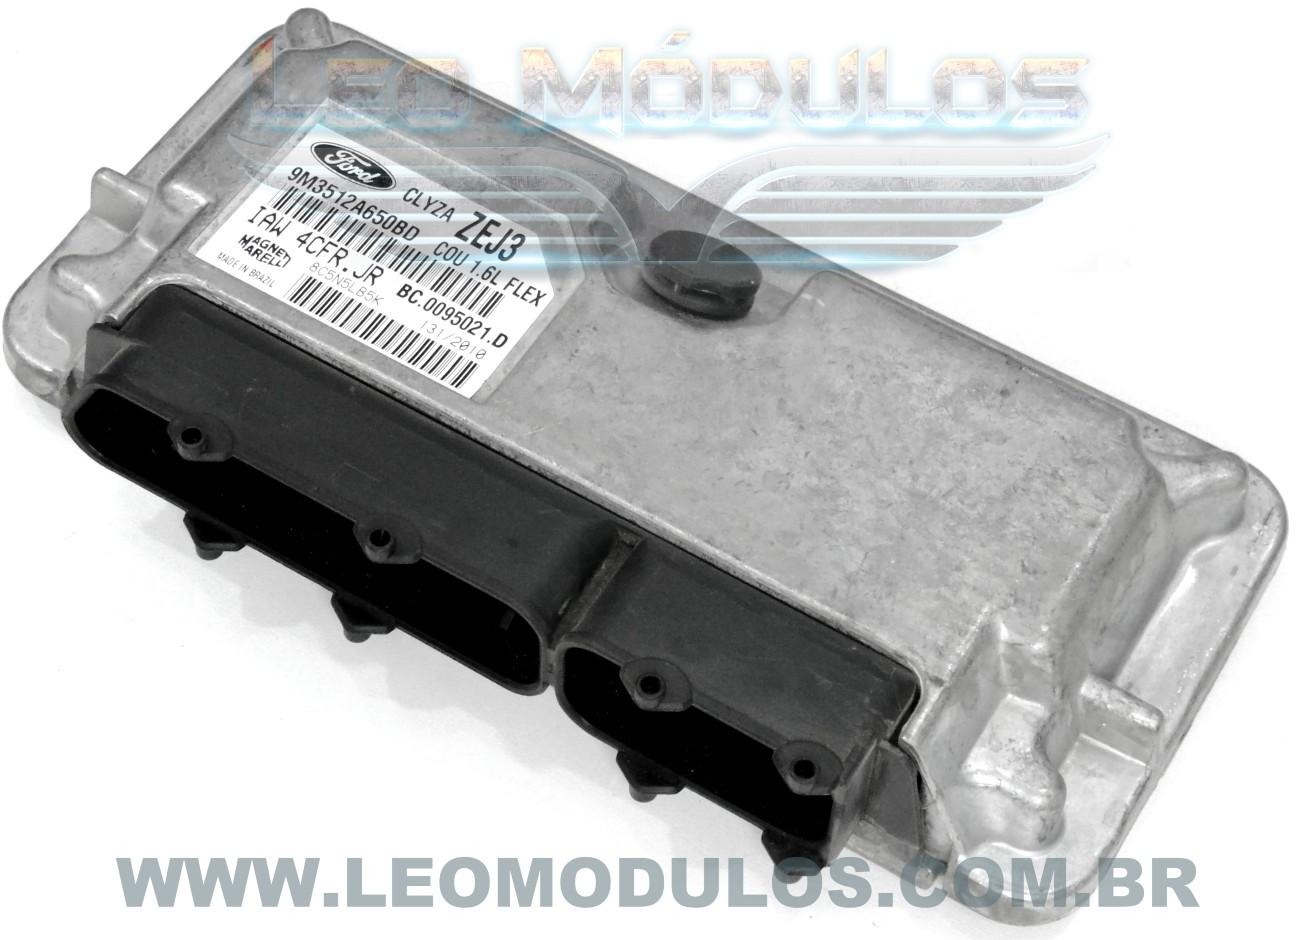 Módulo de injeção marelli - IAW 4CFR.JR ZEJ3 - 9M3512A650BD - Ford Courier 1.6 Flex - IAW 4CFRJR - Leo Módulos